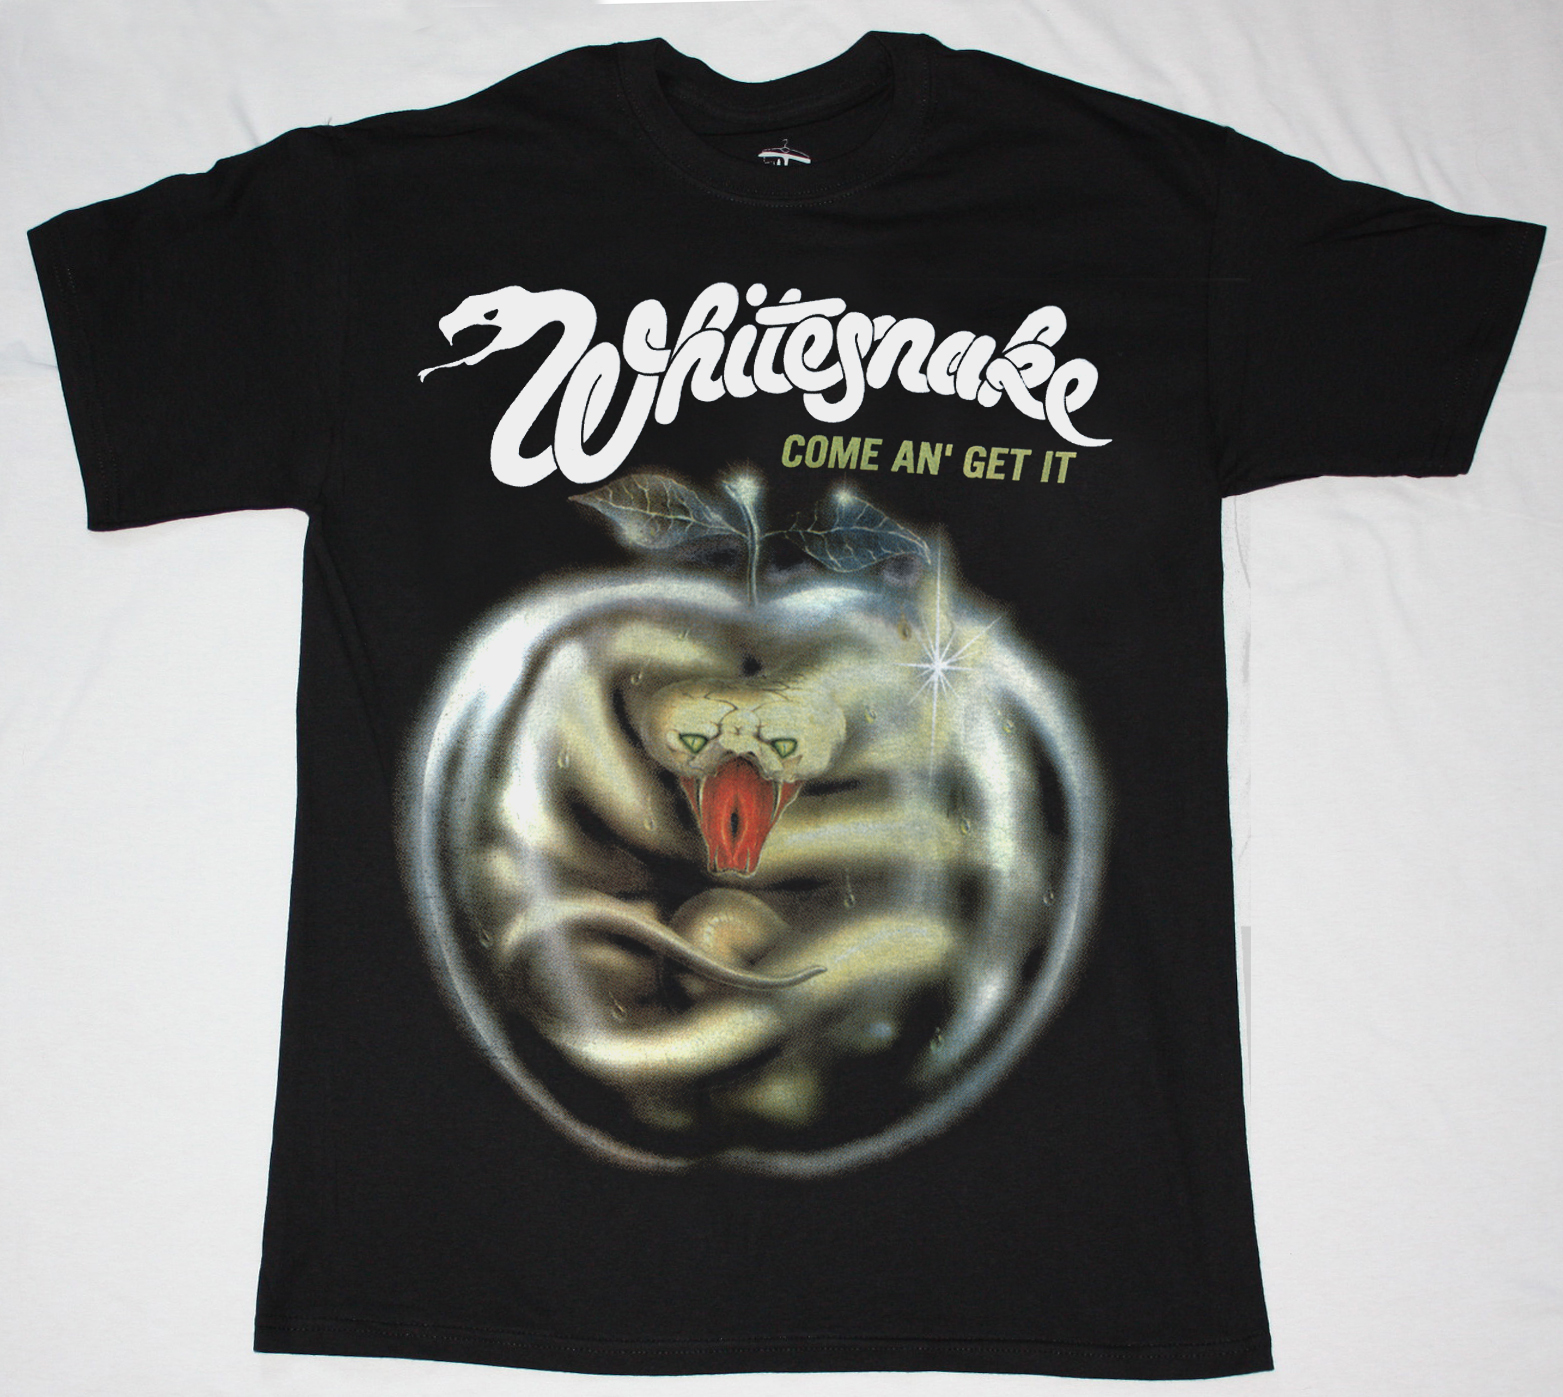 T shirt whitesnake - Whitesnake Come An Get It 81 New Black T Shirt